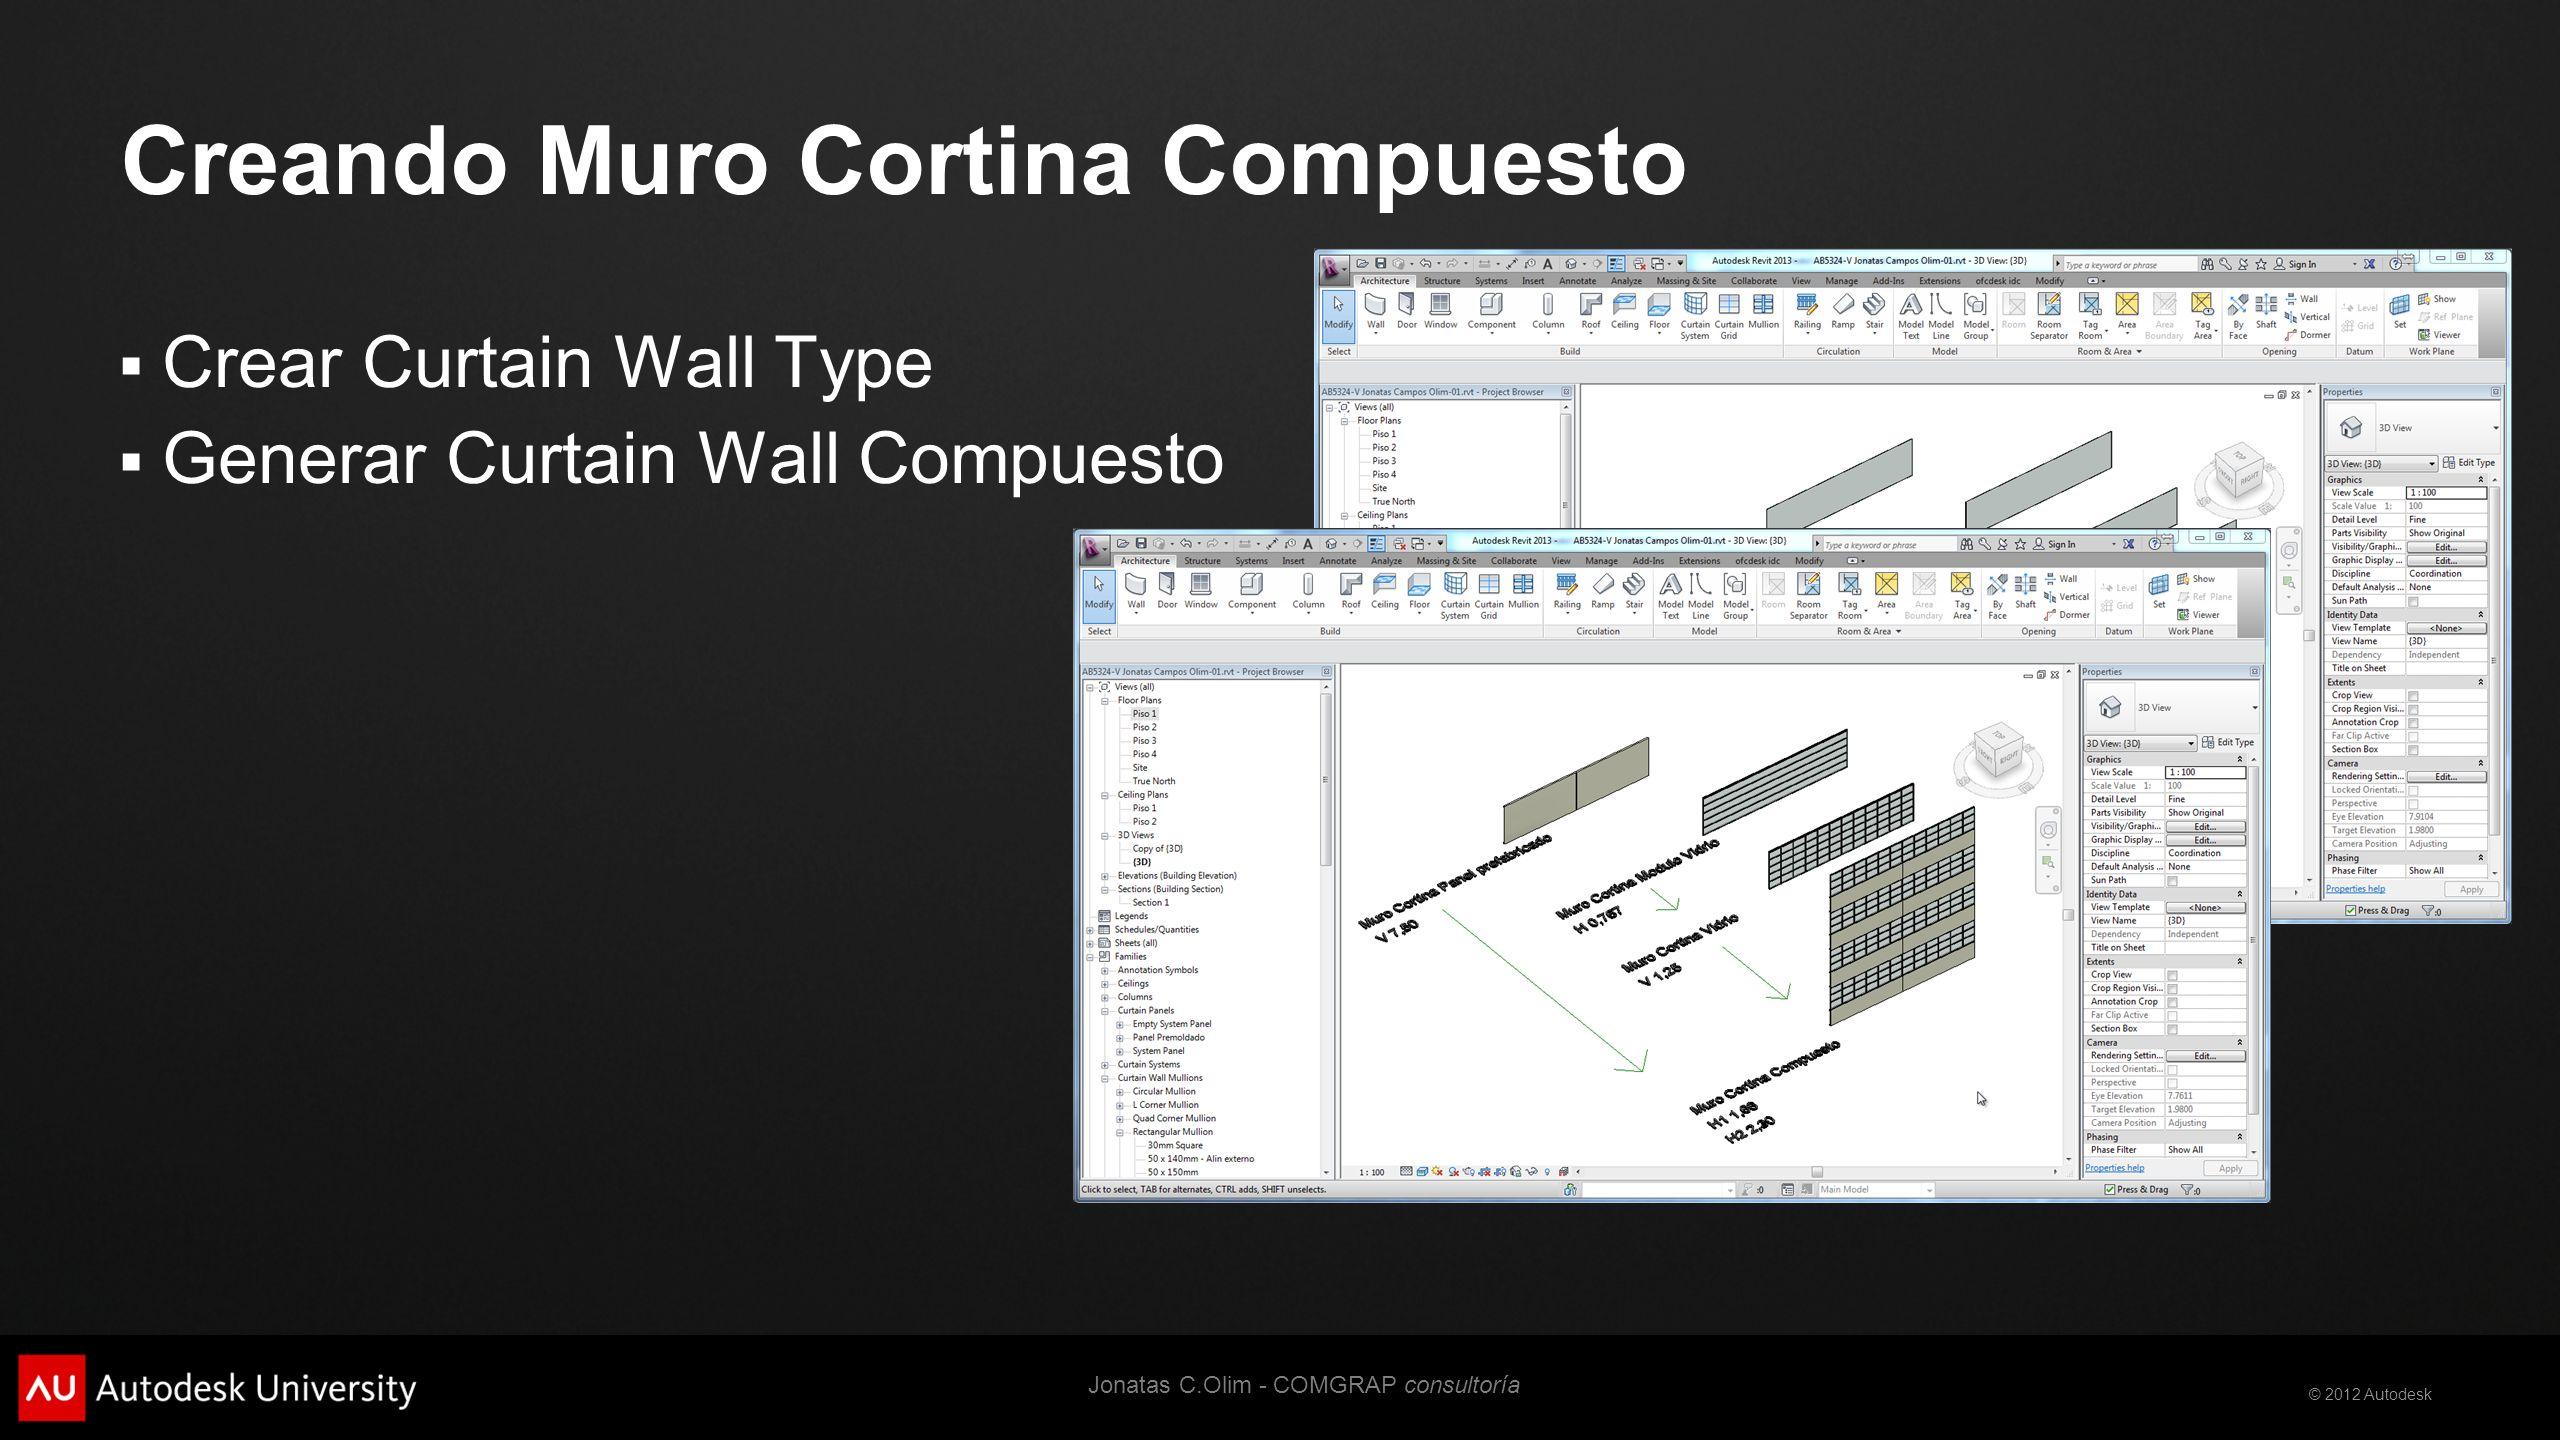 © 2012 Autodesk Creando Muro Cortina Compuesto Crear Curtain Wall Type Generar Curtain Wall Compuesto Jonatas C.Olim - COMGRAP consultoría